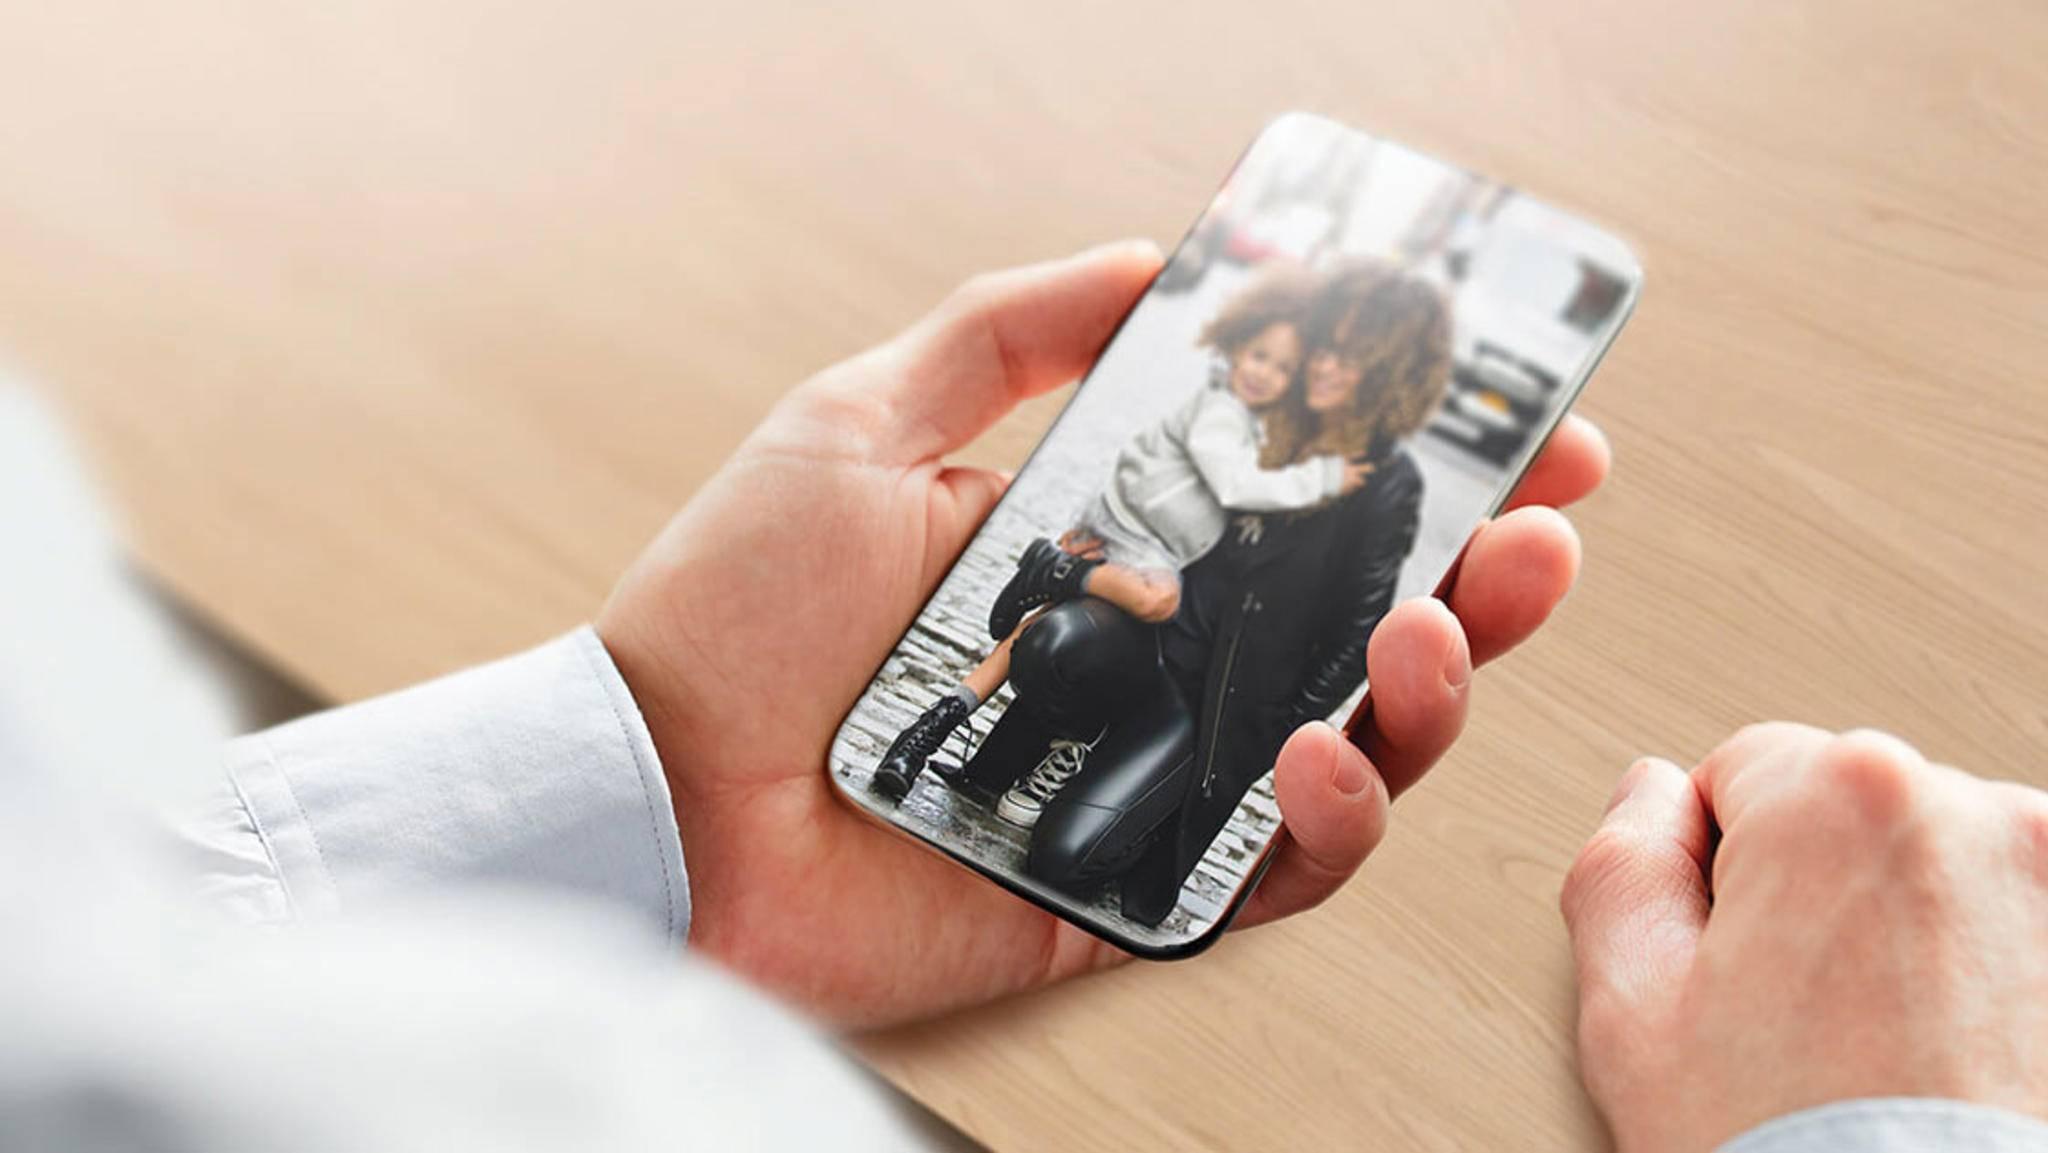 Die neuen Sensoren sollen auch den Weg für völlig randlose Smartphones ebnen.